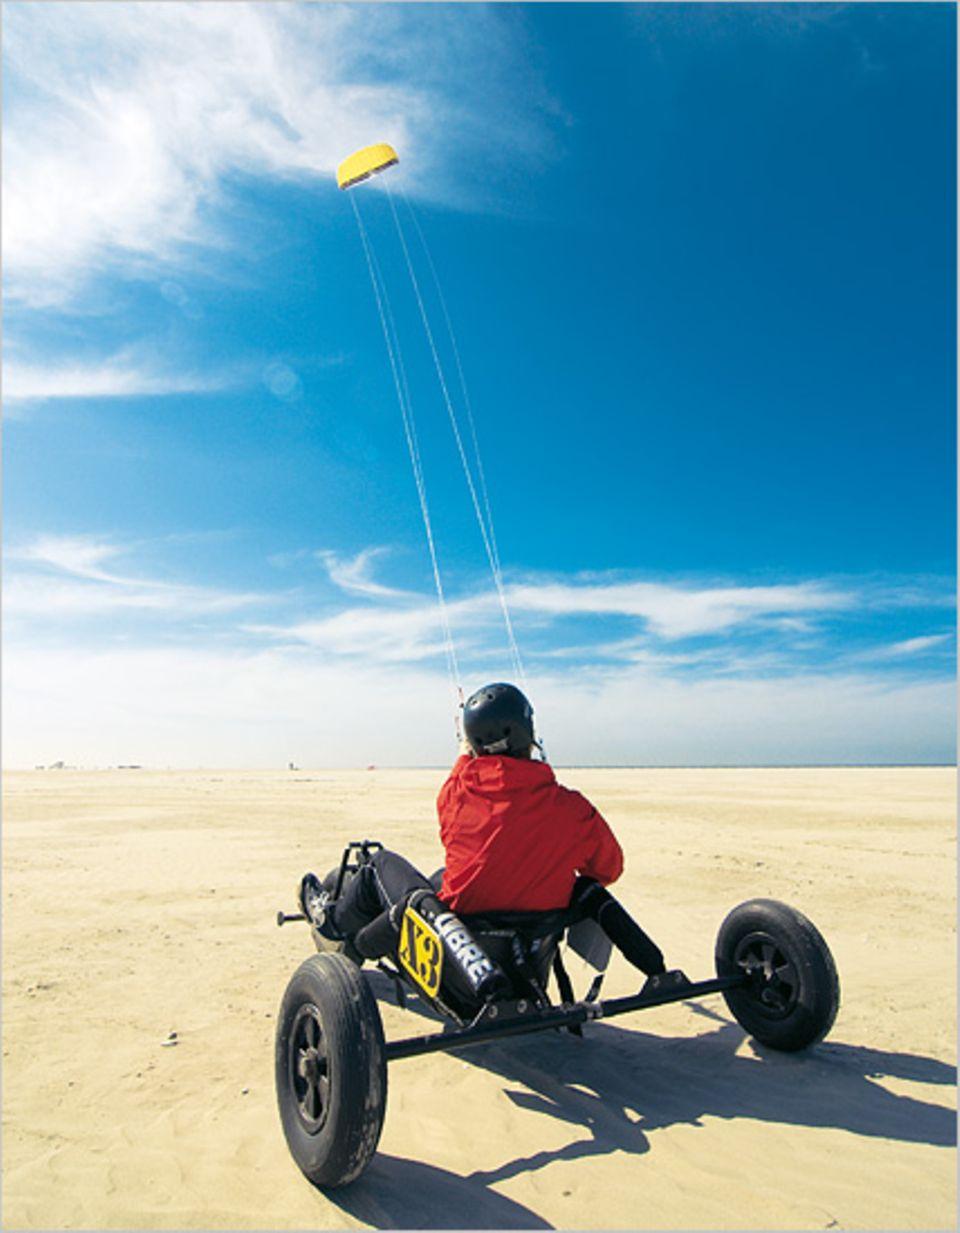 Die Krönung: Mit dem Wind über den Sand flitzen